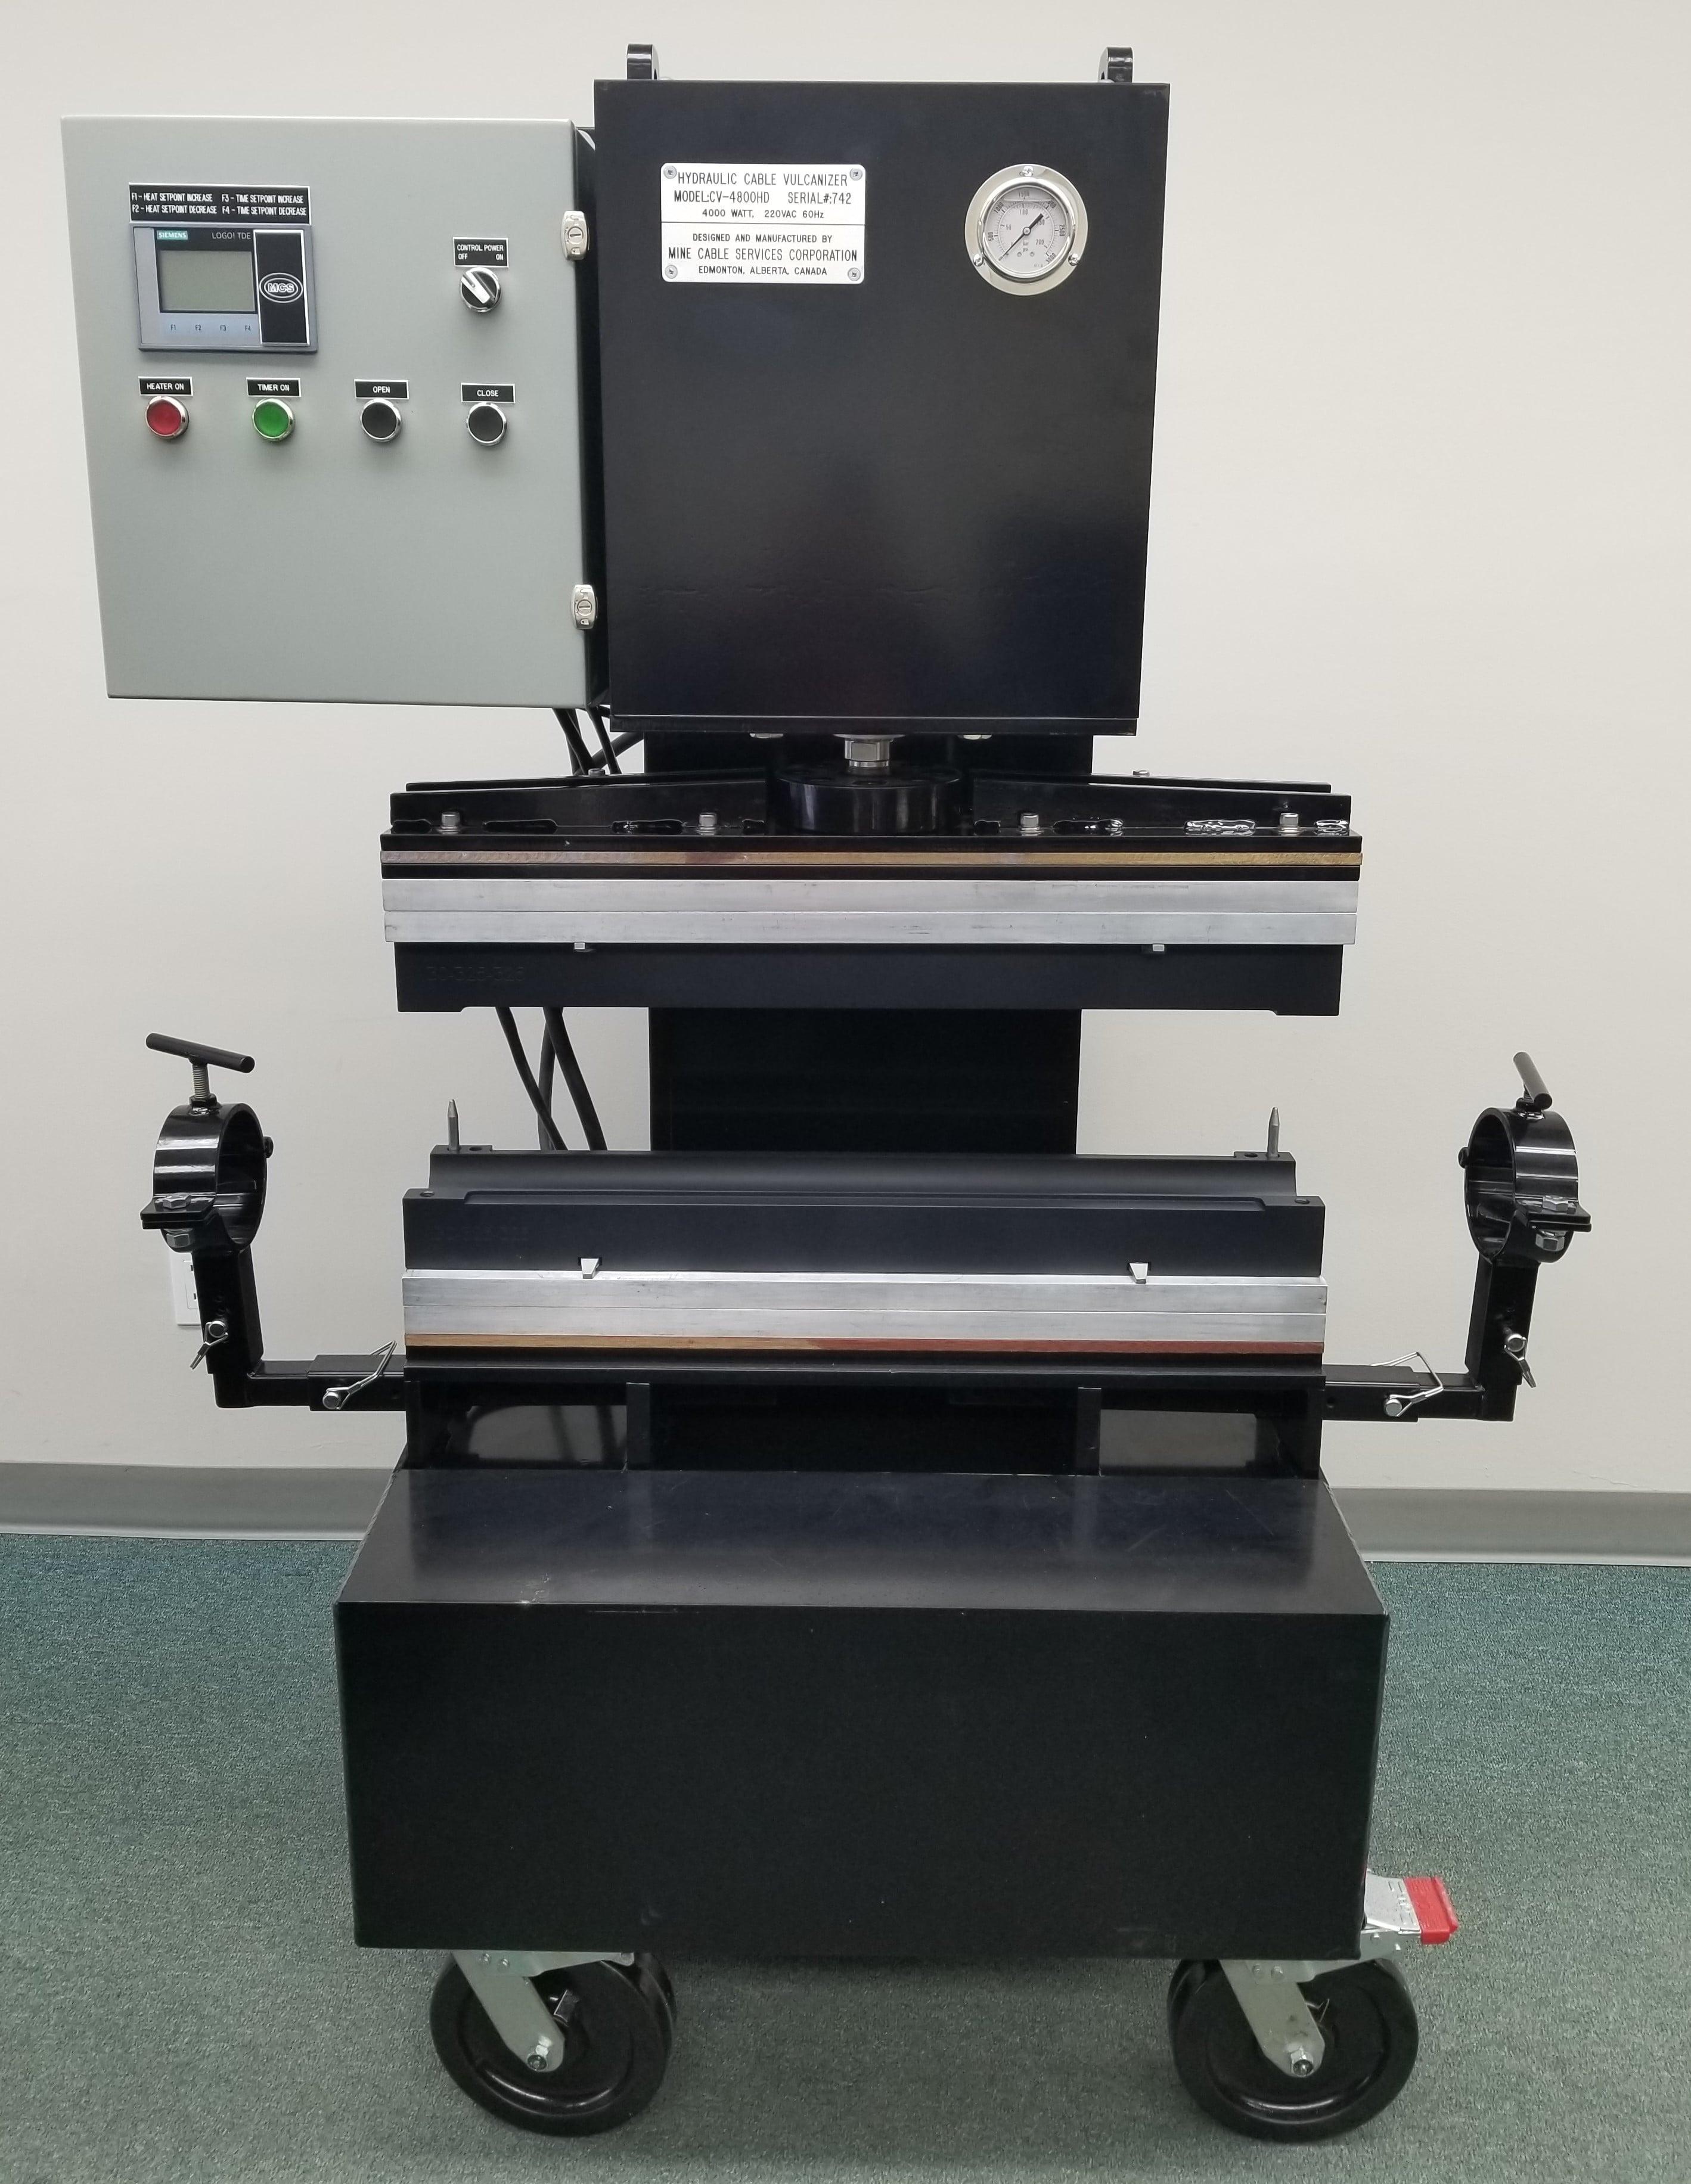 mcs-4800hd-hydraulic-vulcanizer